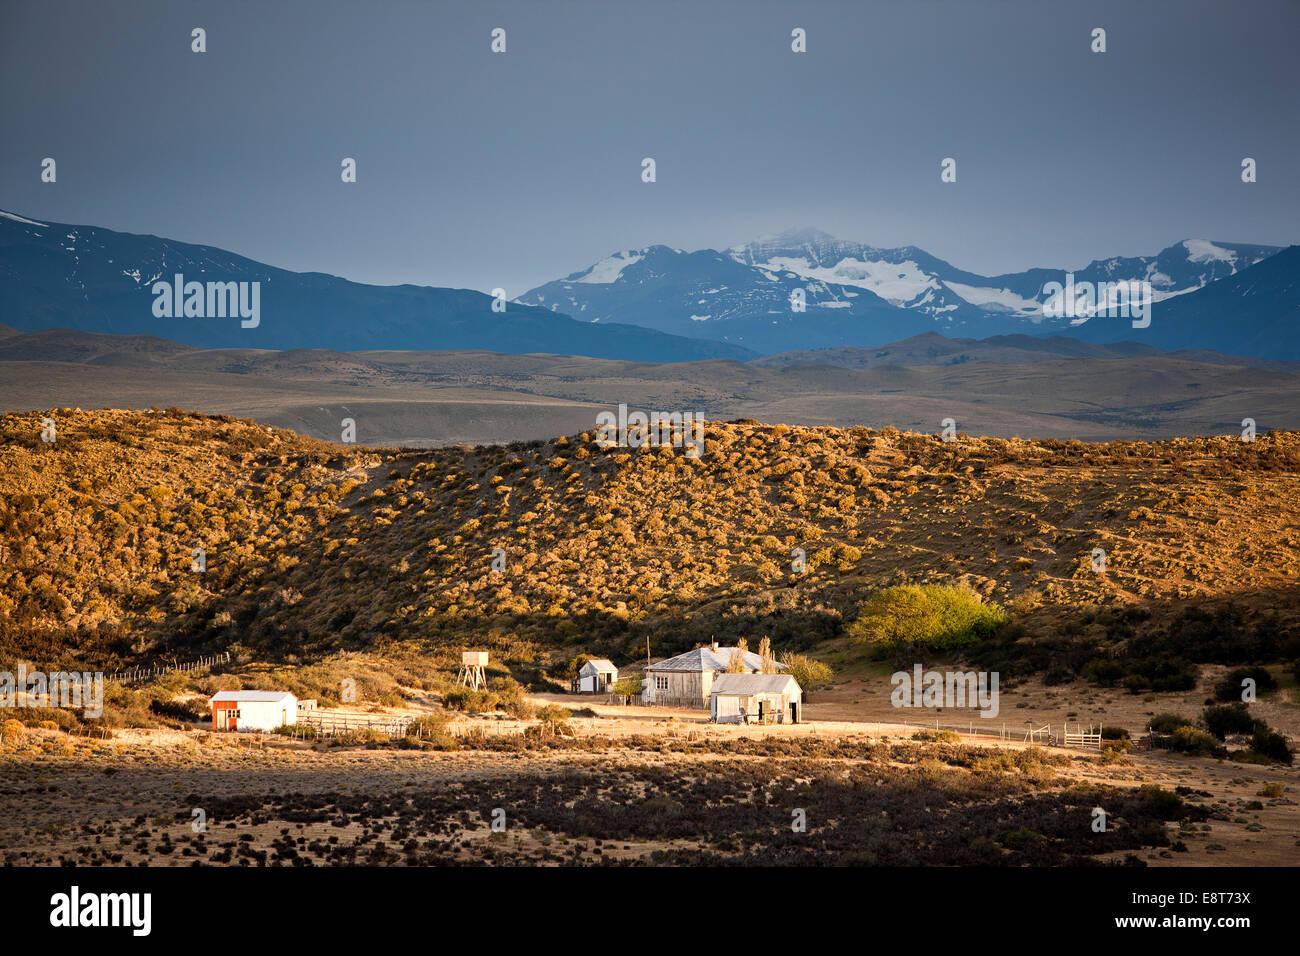 Alter Bauernhof in Patagonien, Chile, Südamerika Stockbild